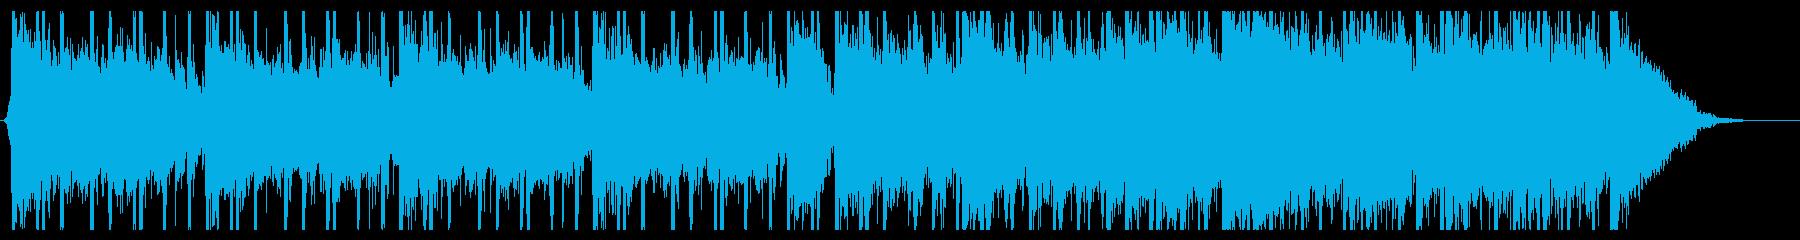 エスニックなミステリーサスペンス曲の再生済みの波形